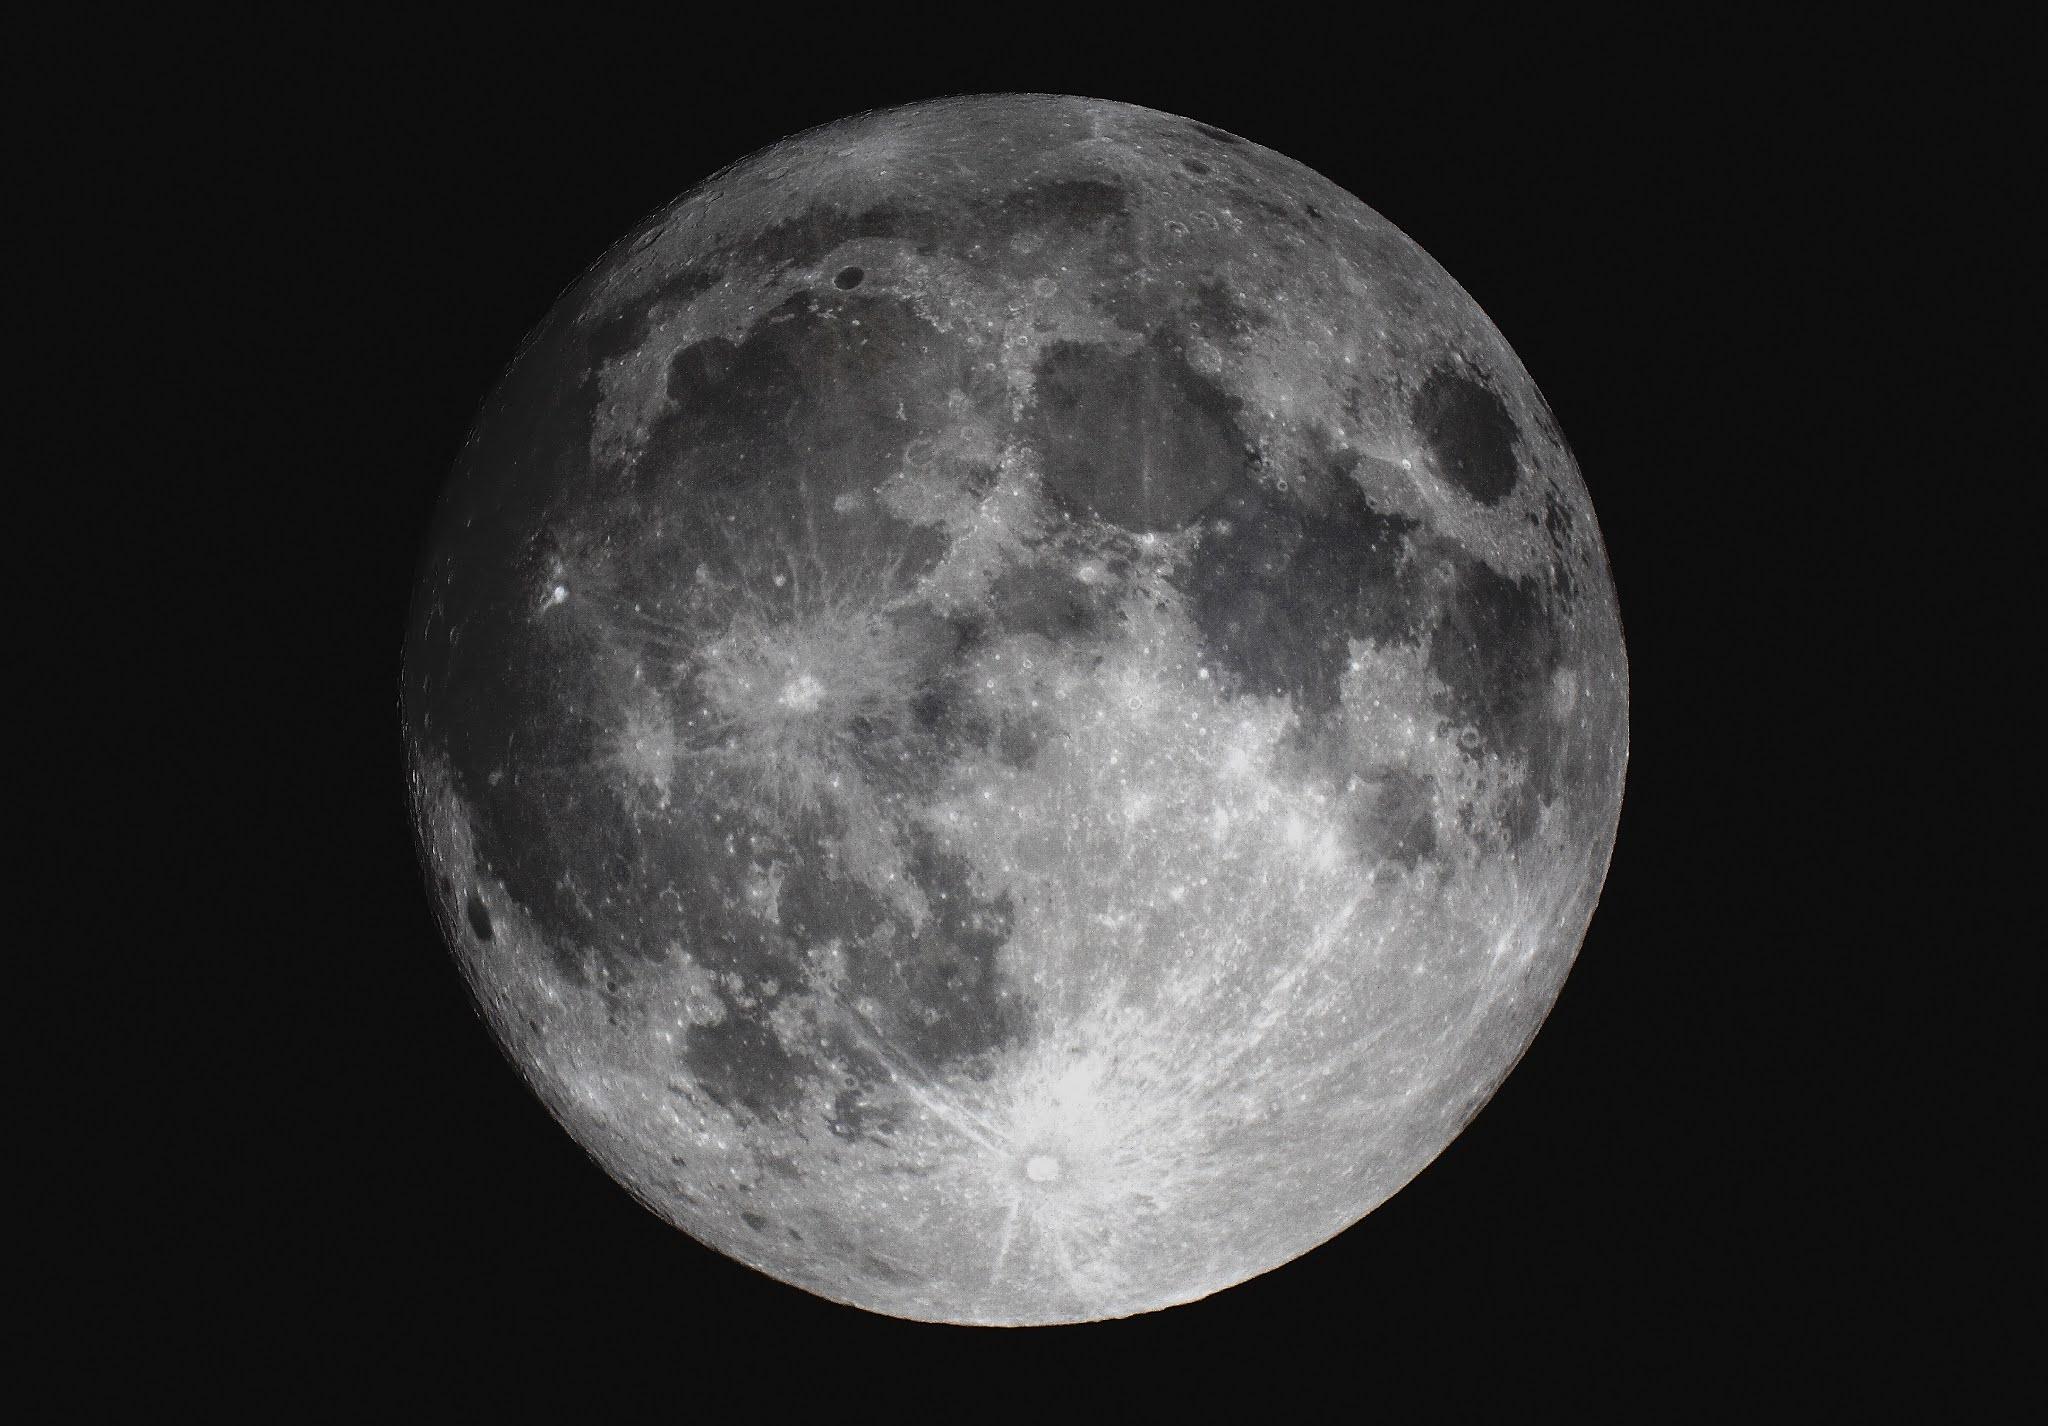 北崎教諭が撮影した月